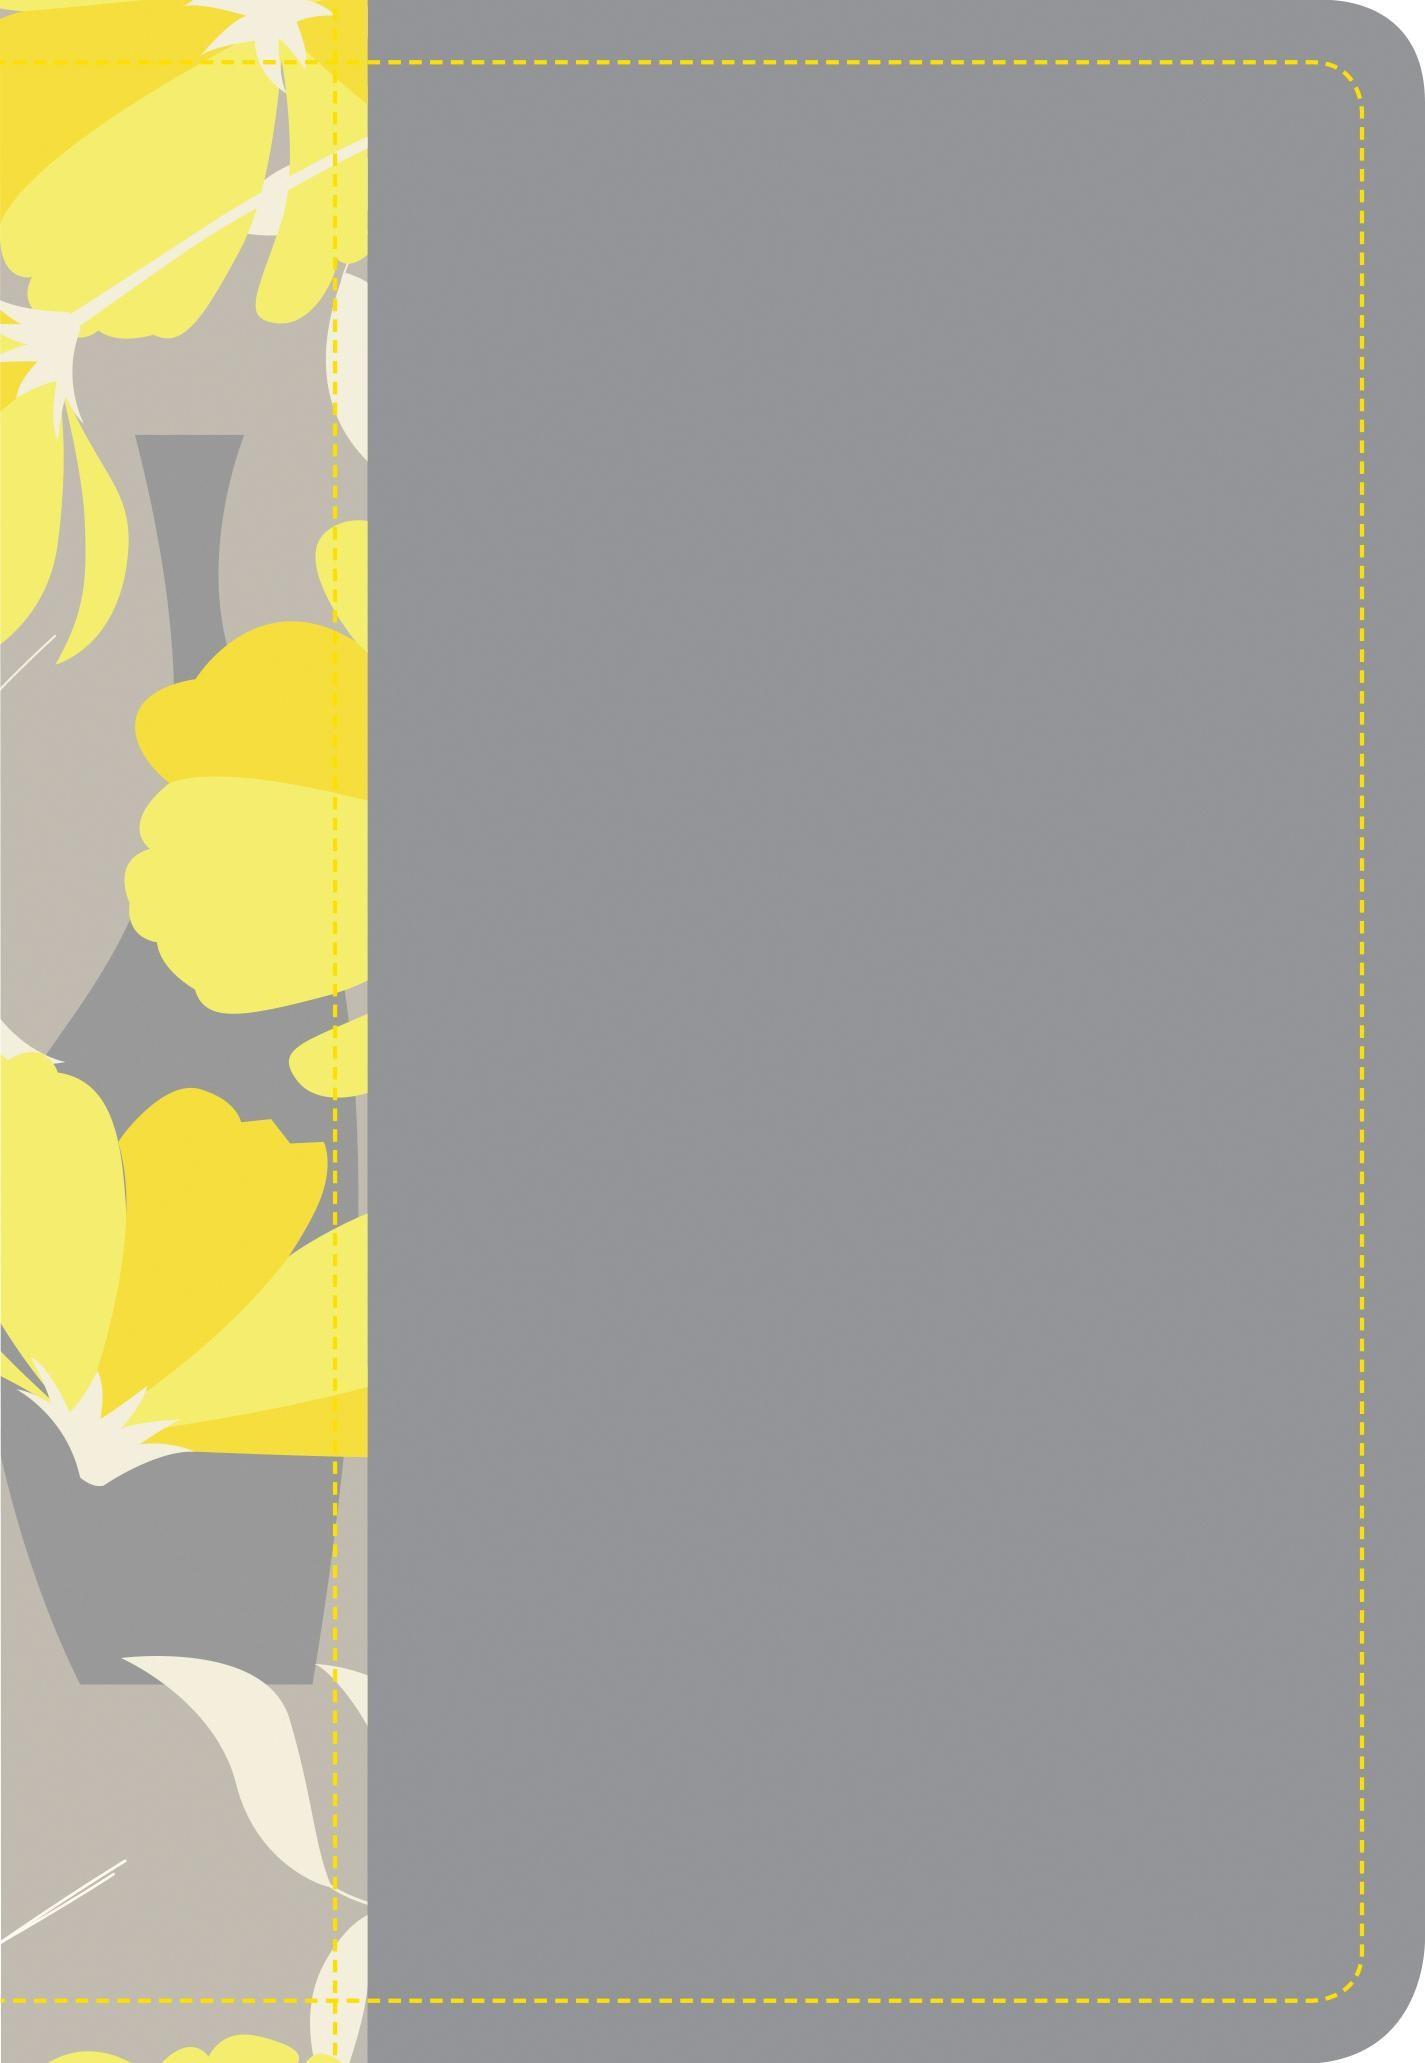 Santa Biblia NTV, Edición compacta letra grande (Letra Roja, SentiPiel, Gris/Amarillo)